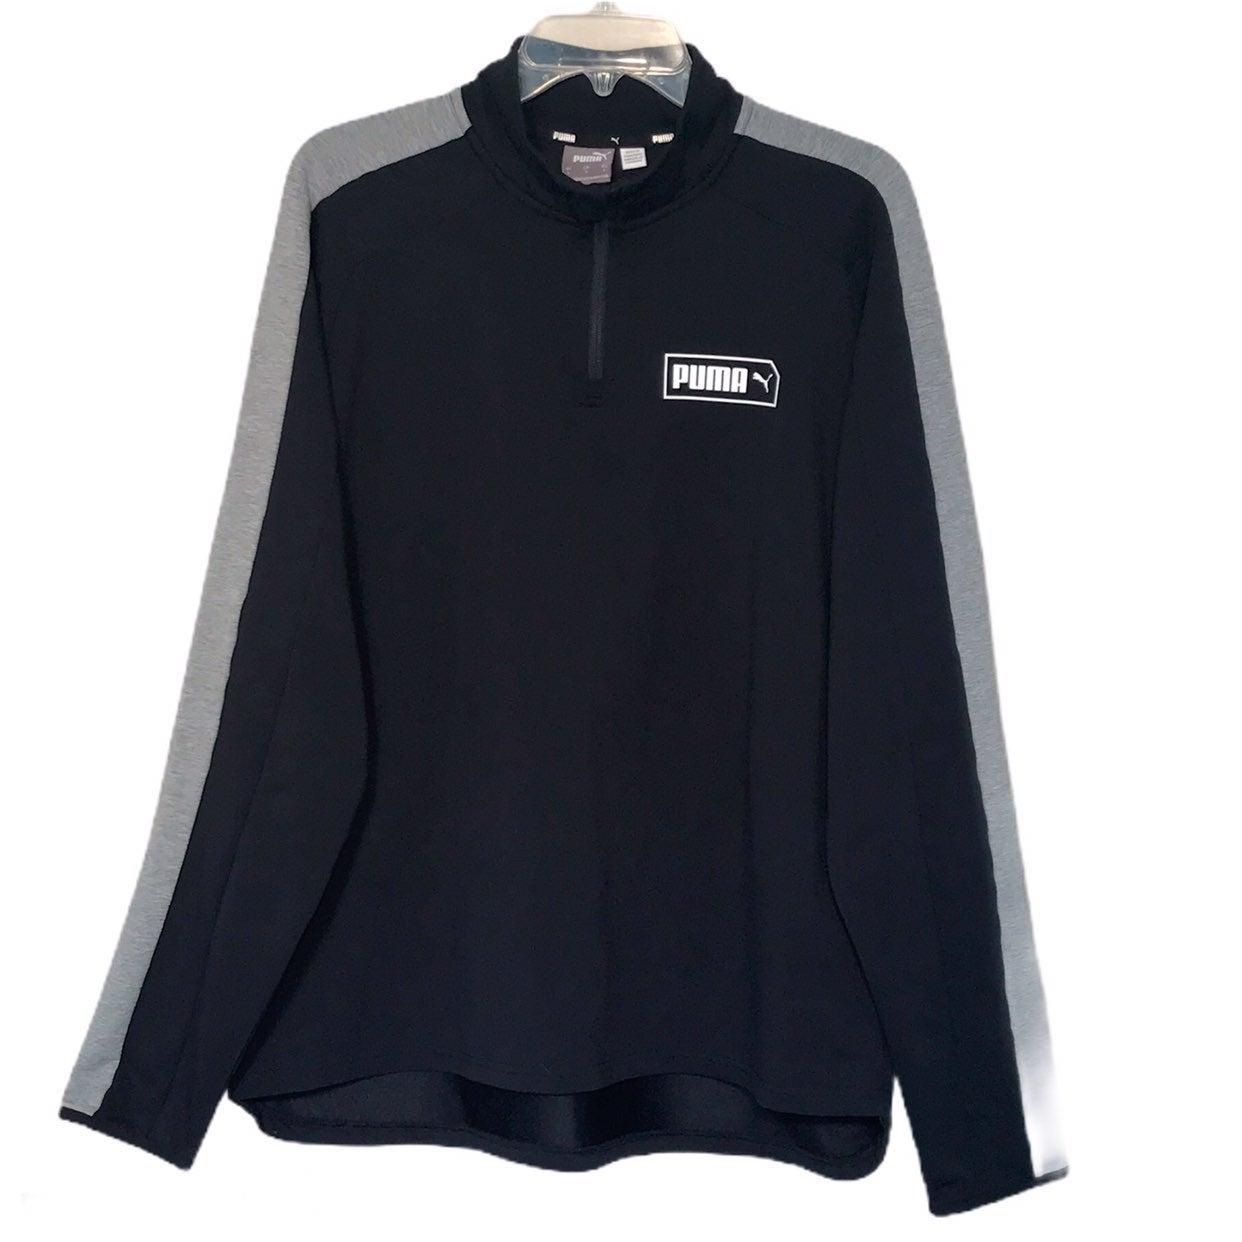 Puma Stretchlite 1/4 Zip Sweatshirt NWOT